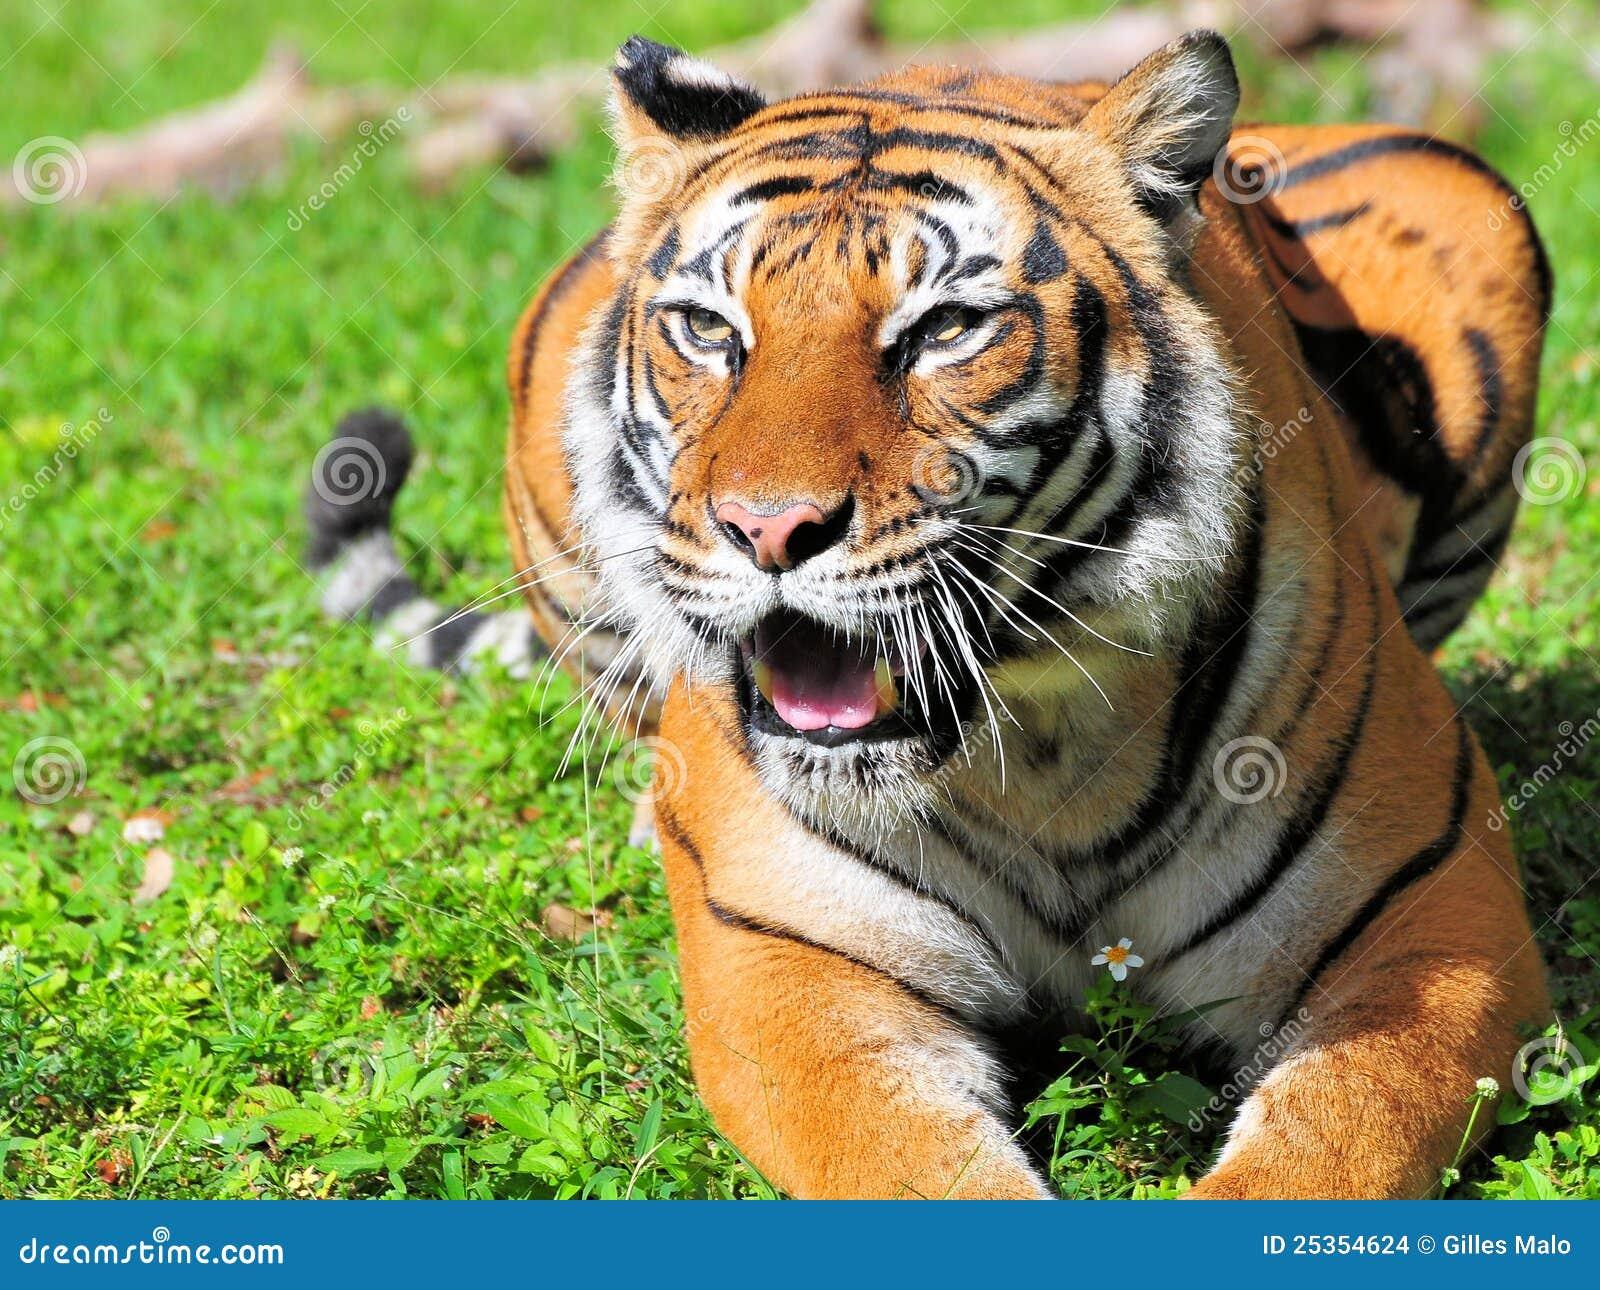 Bouche de tigre de bengale ouverte photo stock image - Images tigres gratuites ...